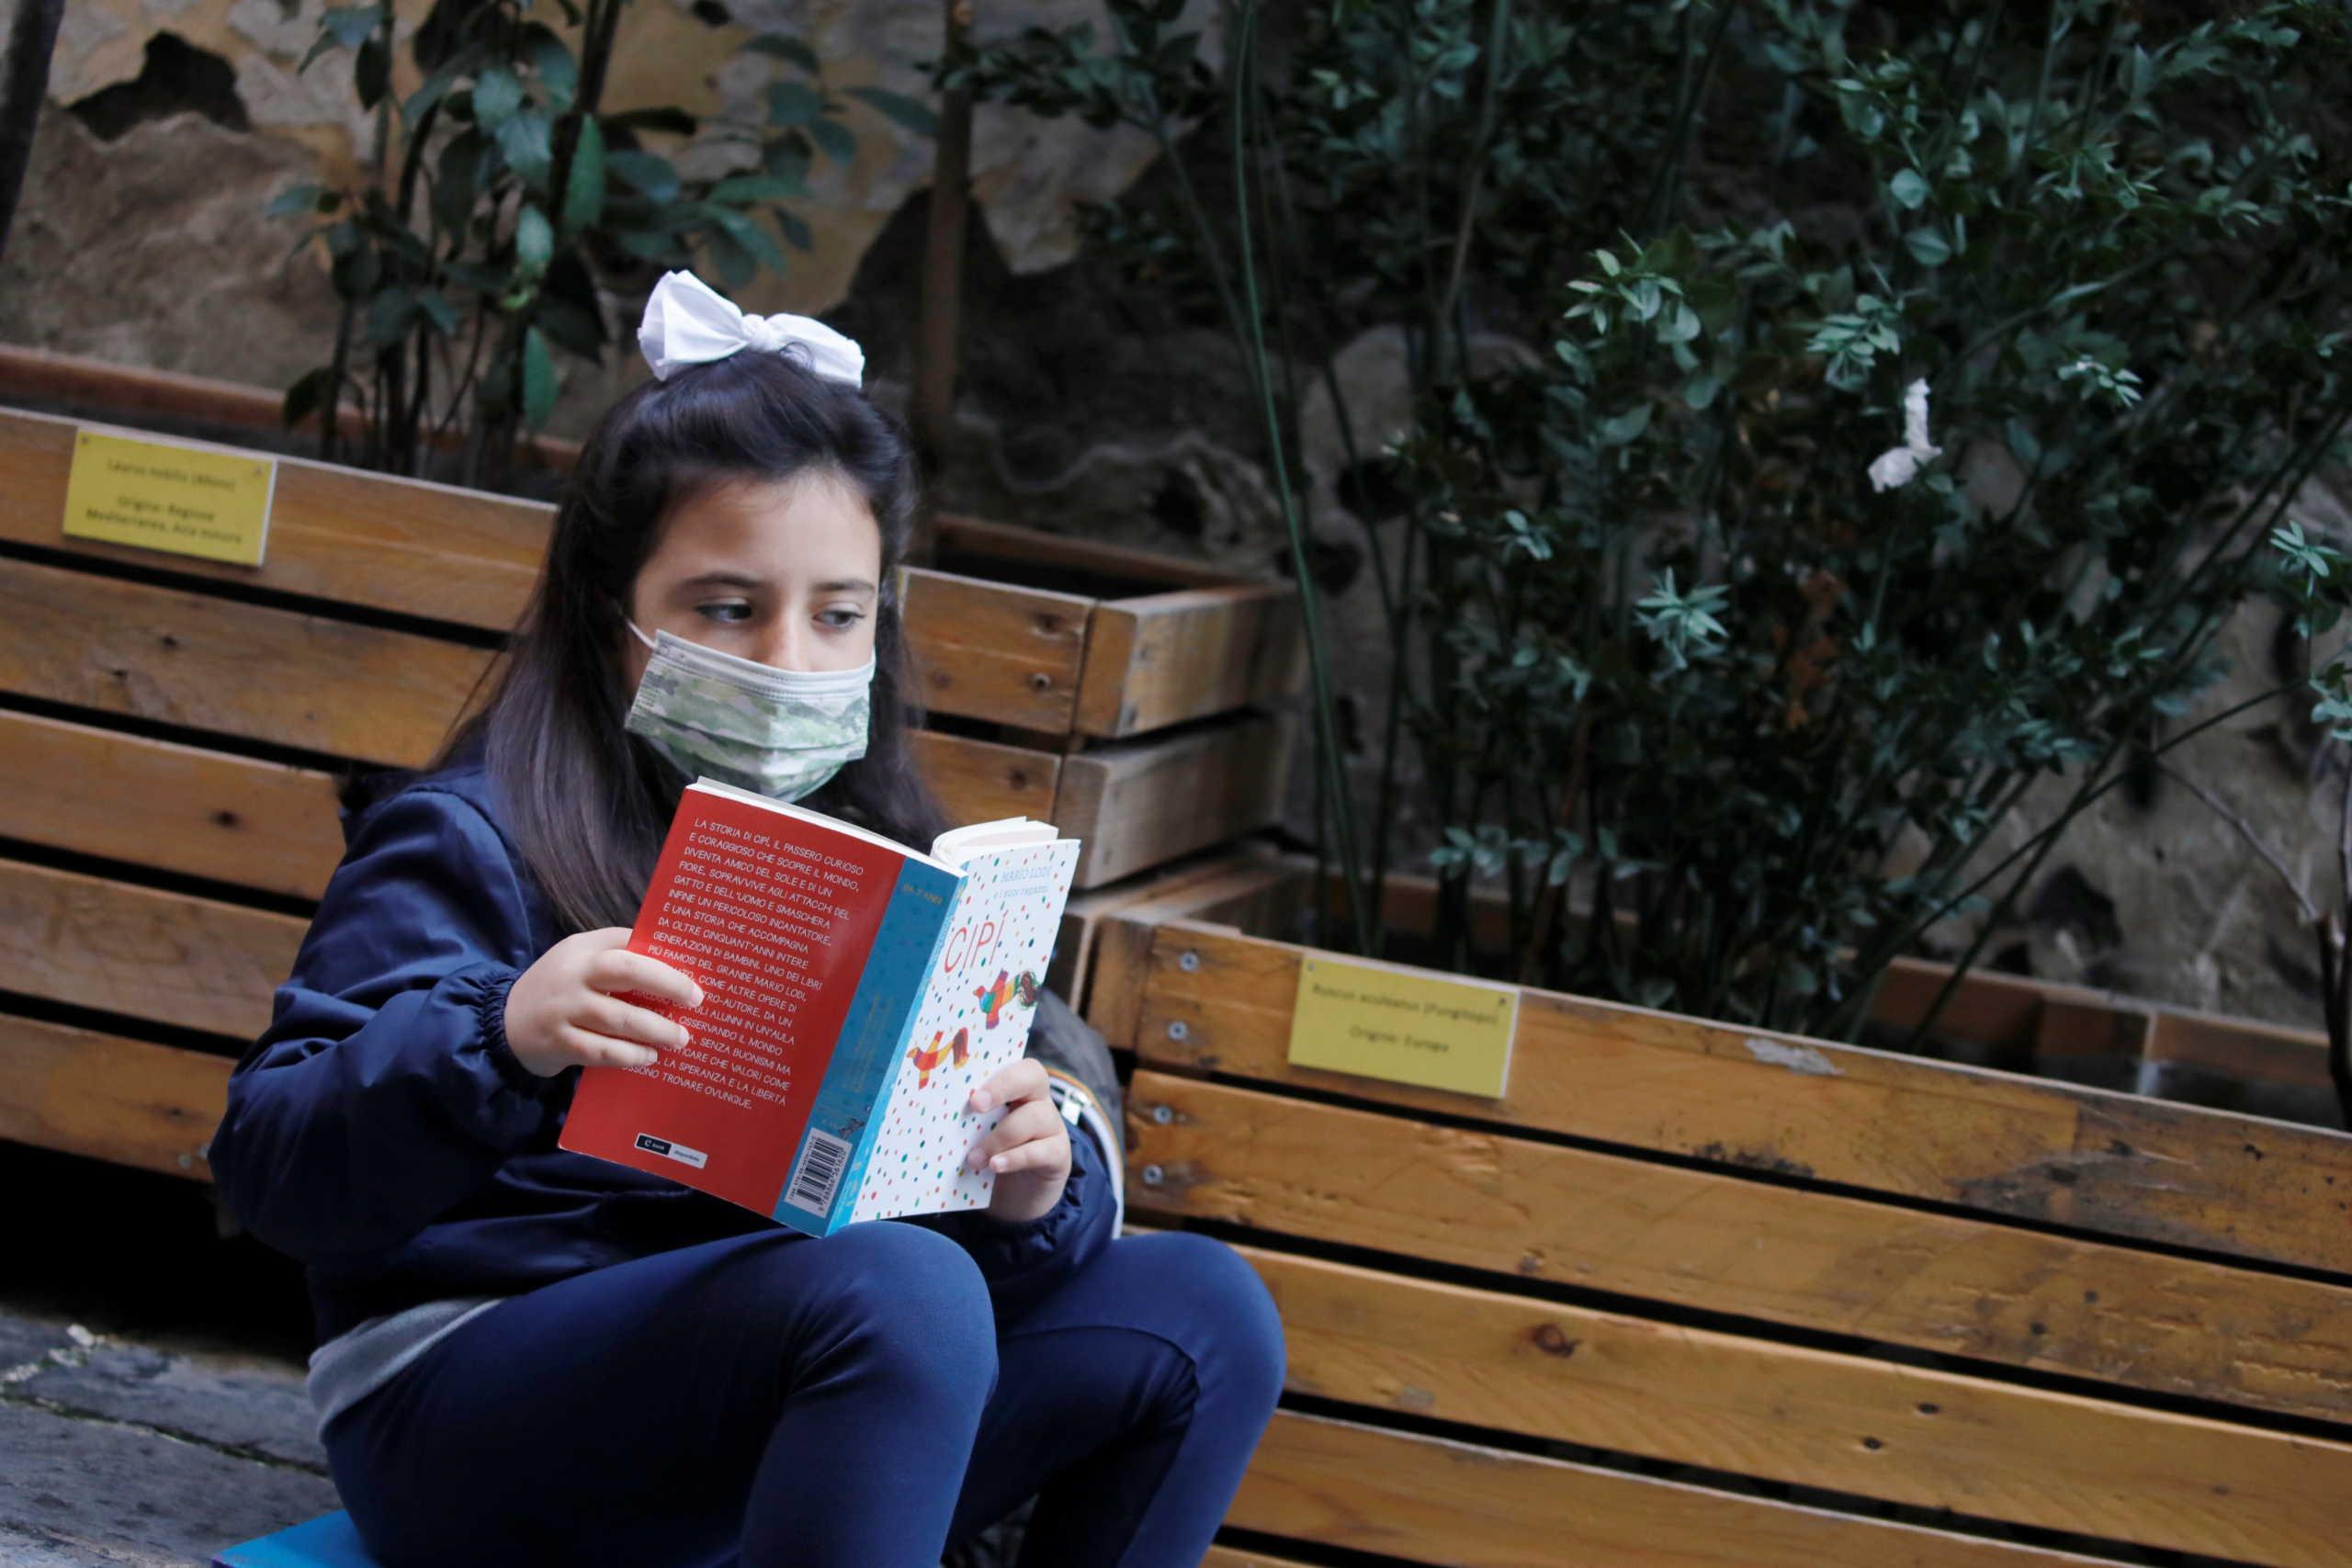 Σταδιακό «λουκέτο» στα σχολεία της Ευρώπης φέρνει ο κορονοϊός